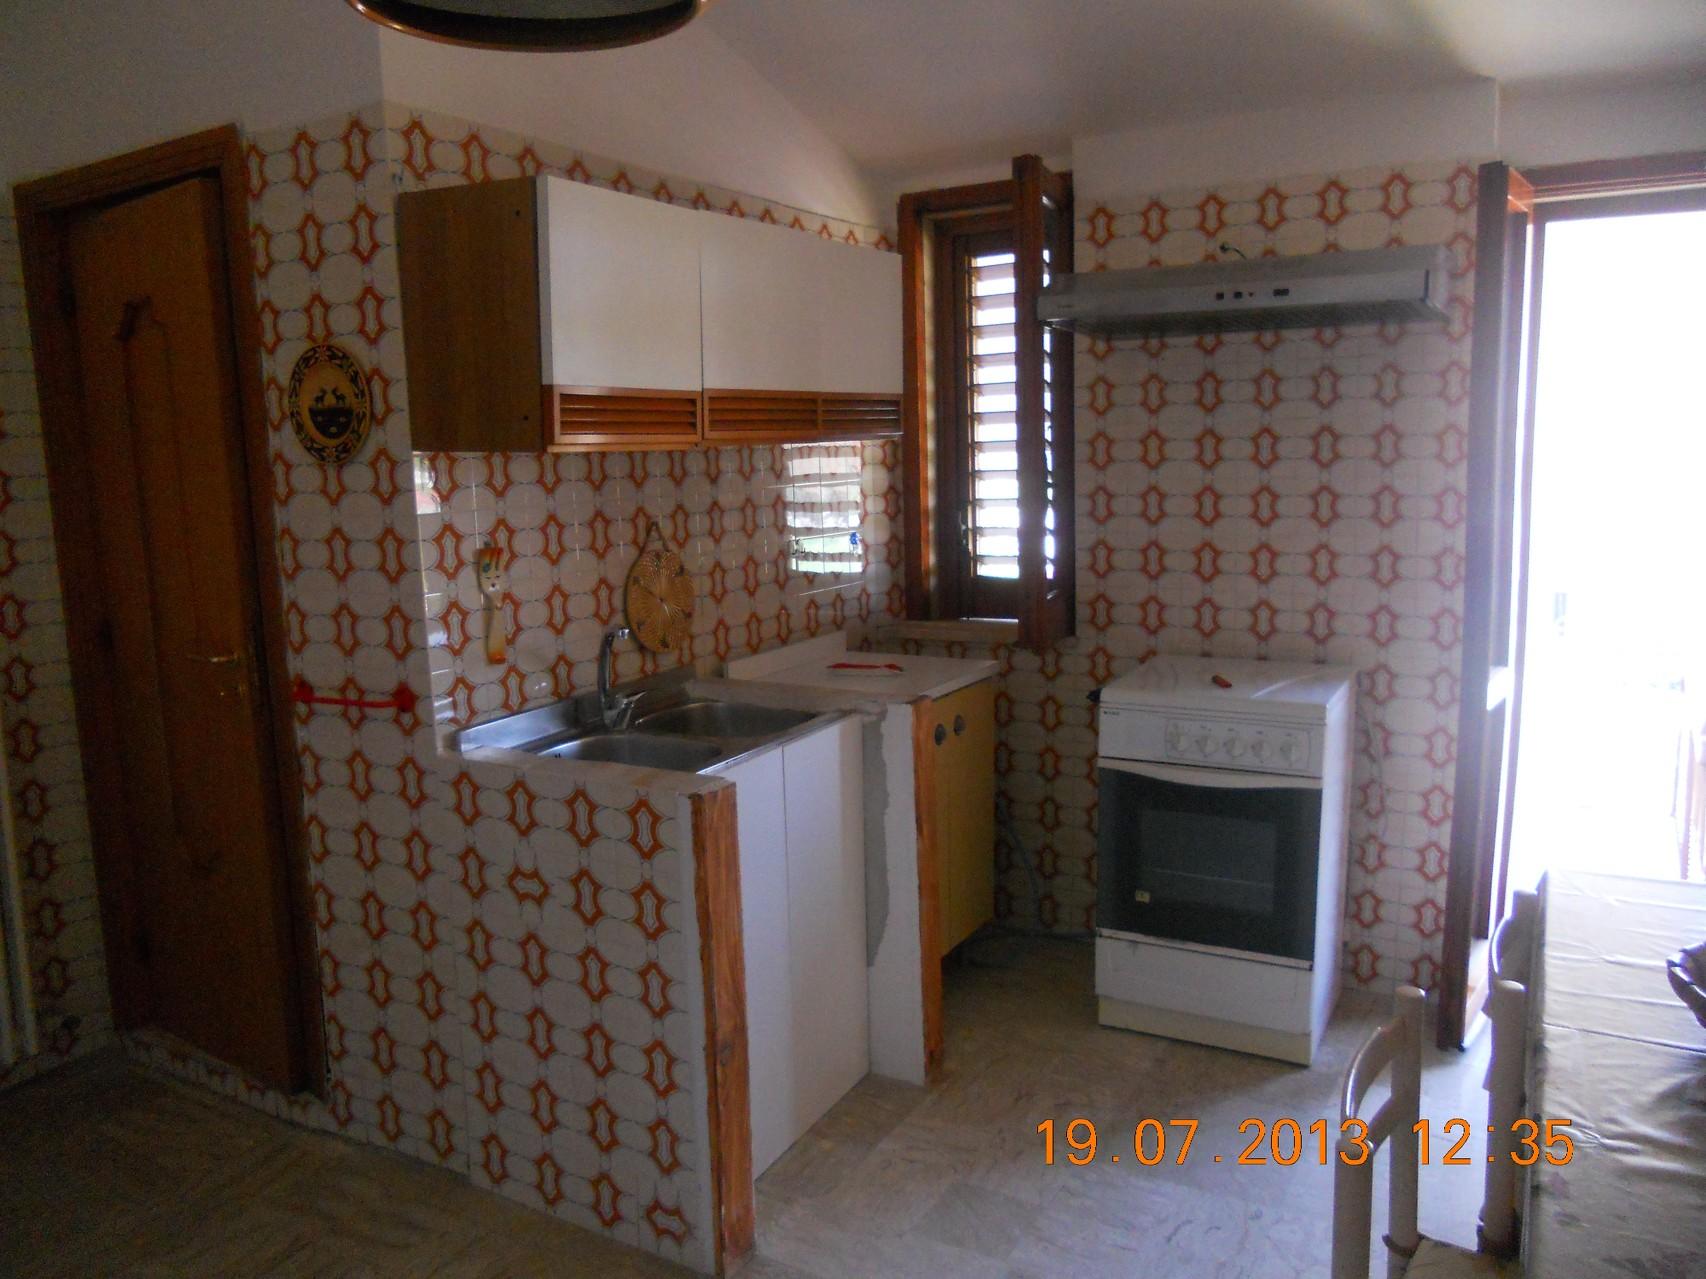 Parte centrale della cucina